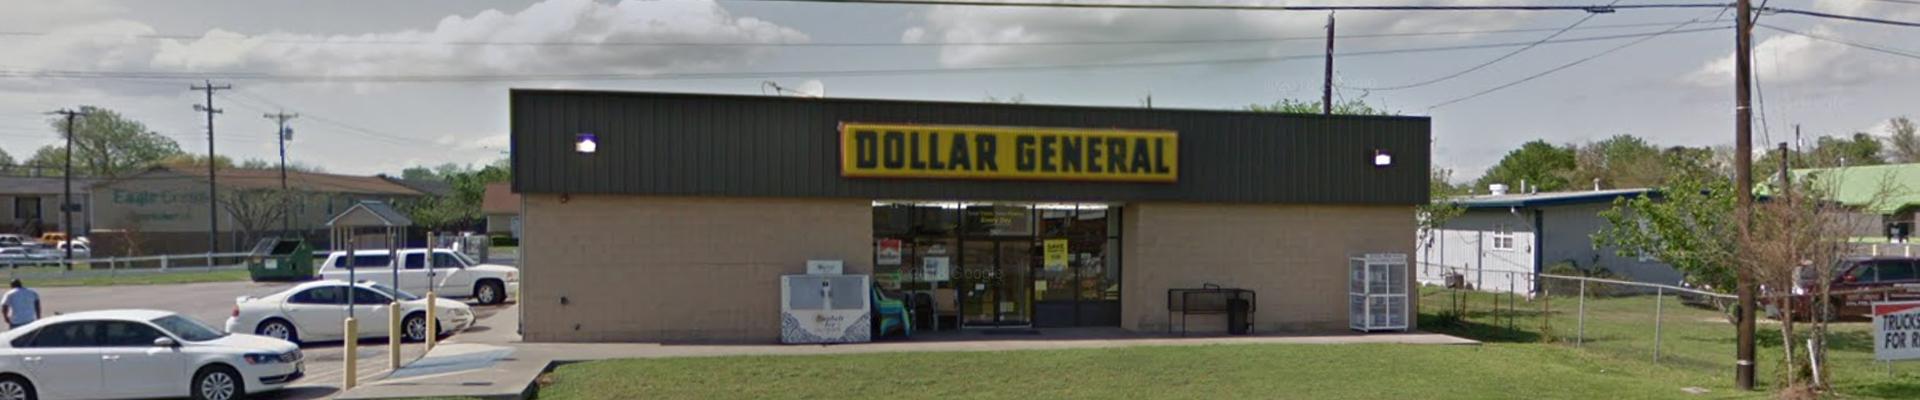 Dollar General (10175) – Waco, Texas